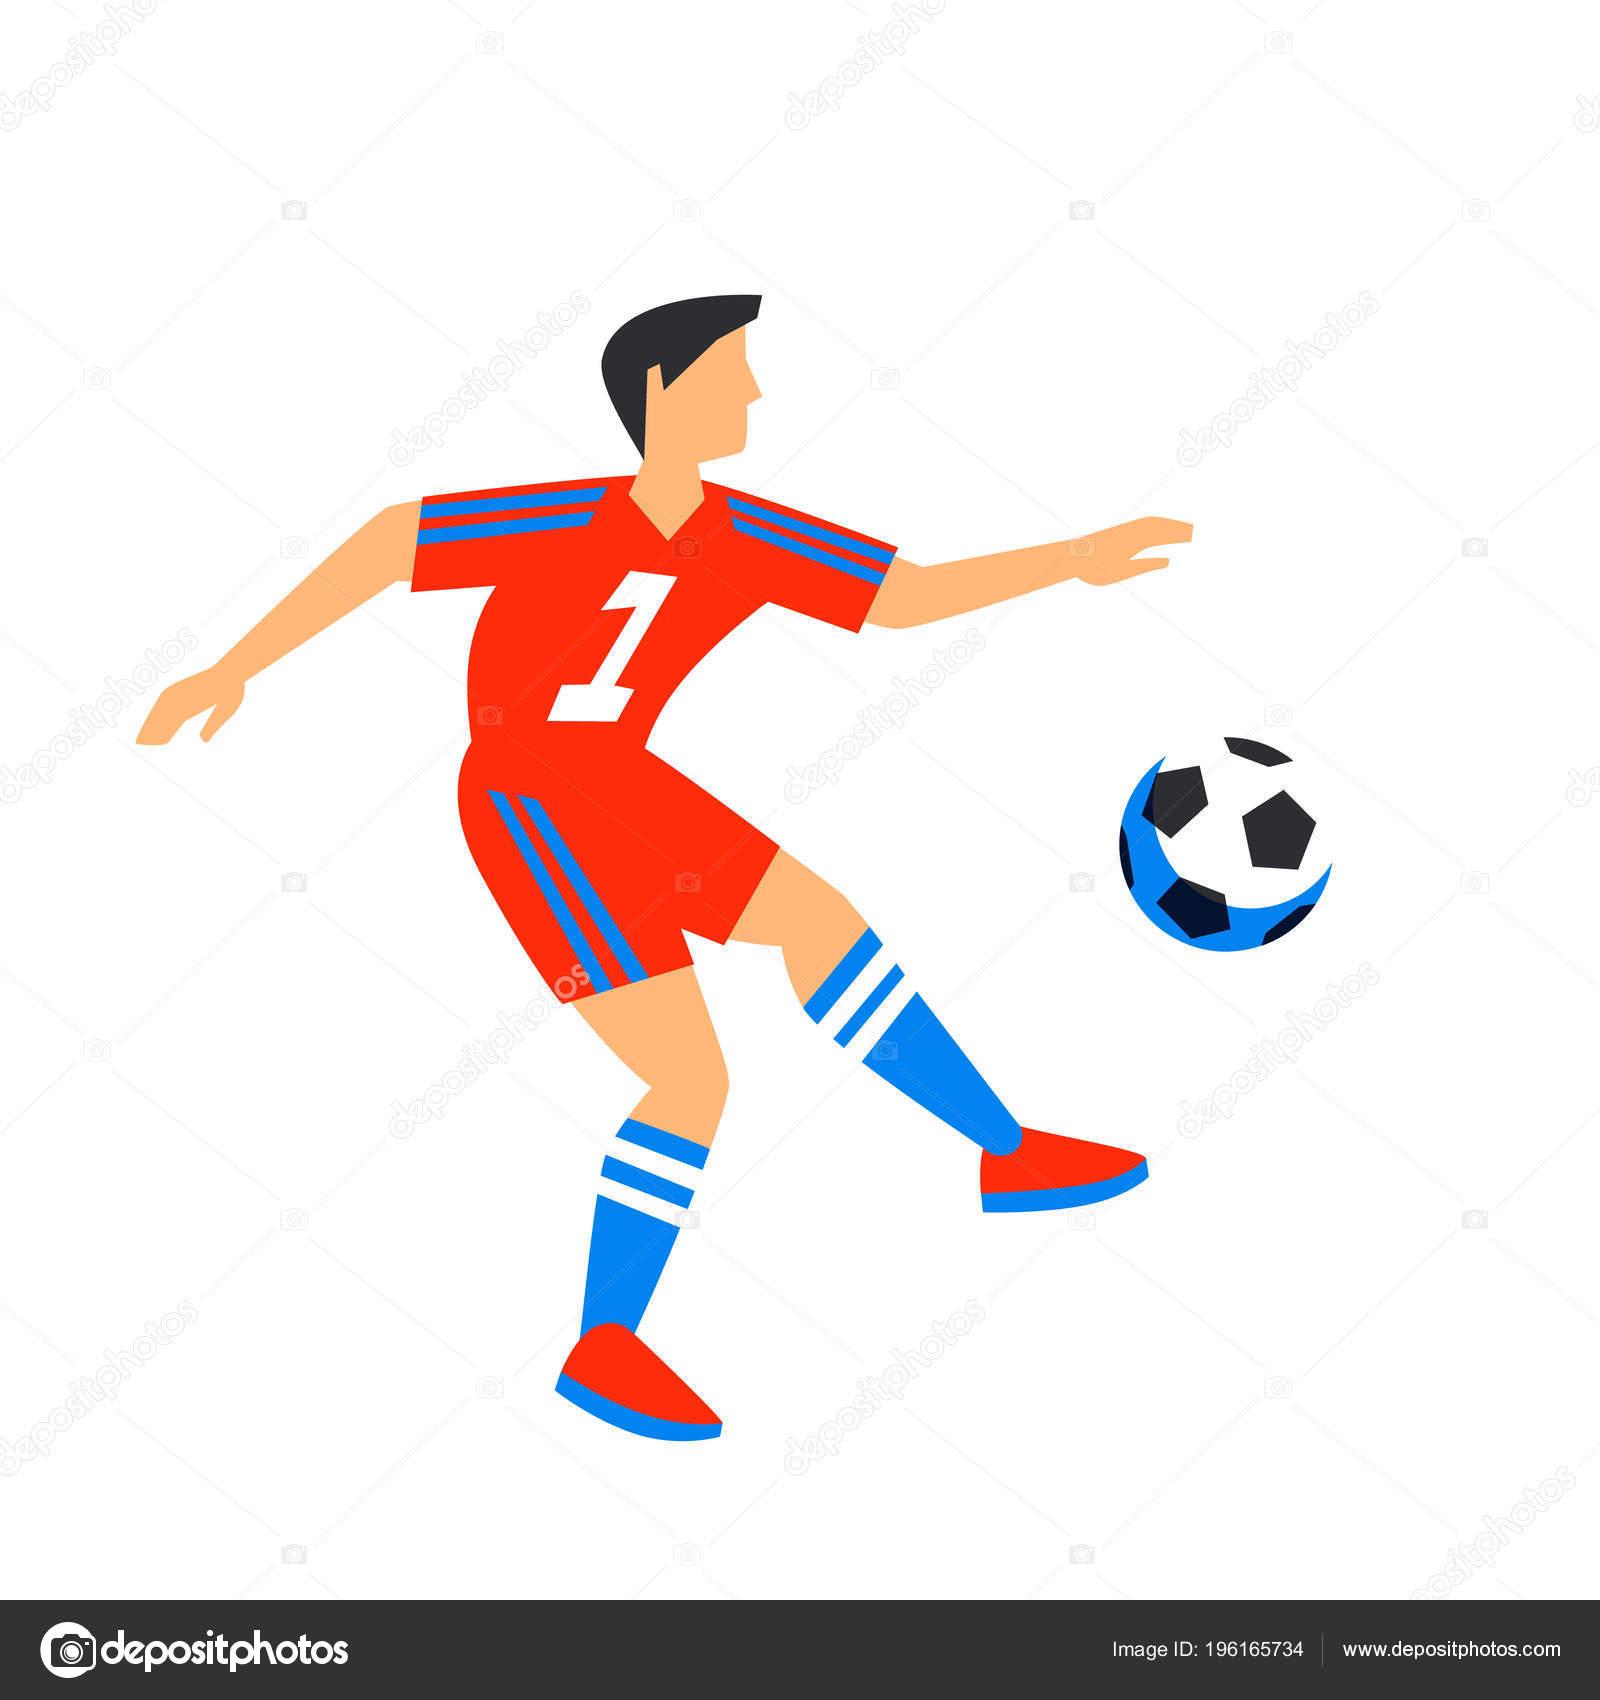 Abstracto en rojo futbolista con balón. Jugador de fútbol aislados sobre  fondo blanco. Copa Mundial de fútbol. Jugador del balompié en Rusia 2018. 972cf6db59b20